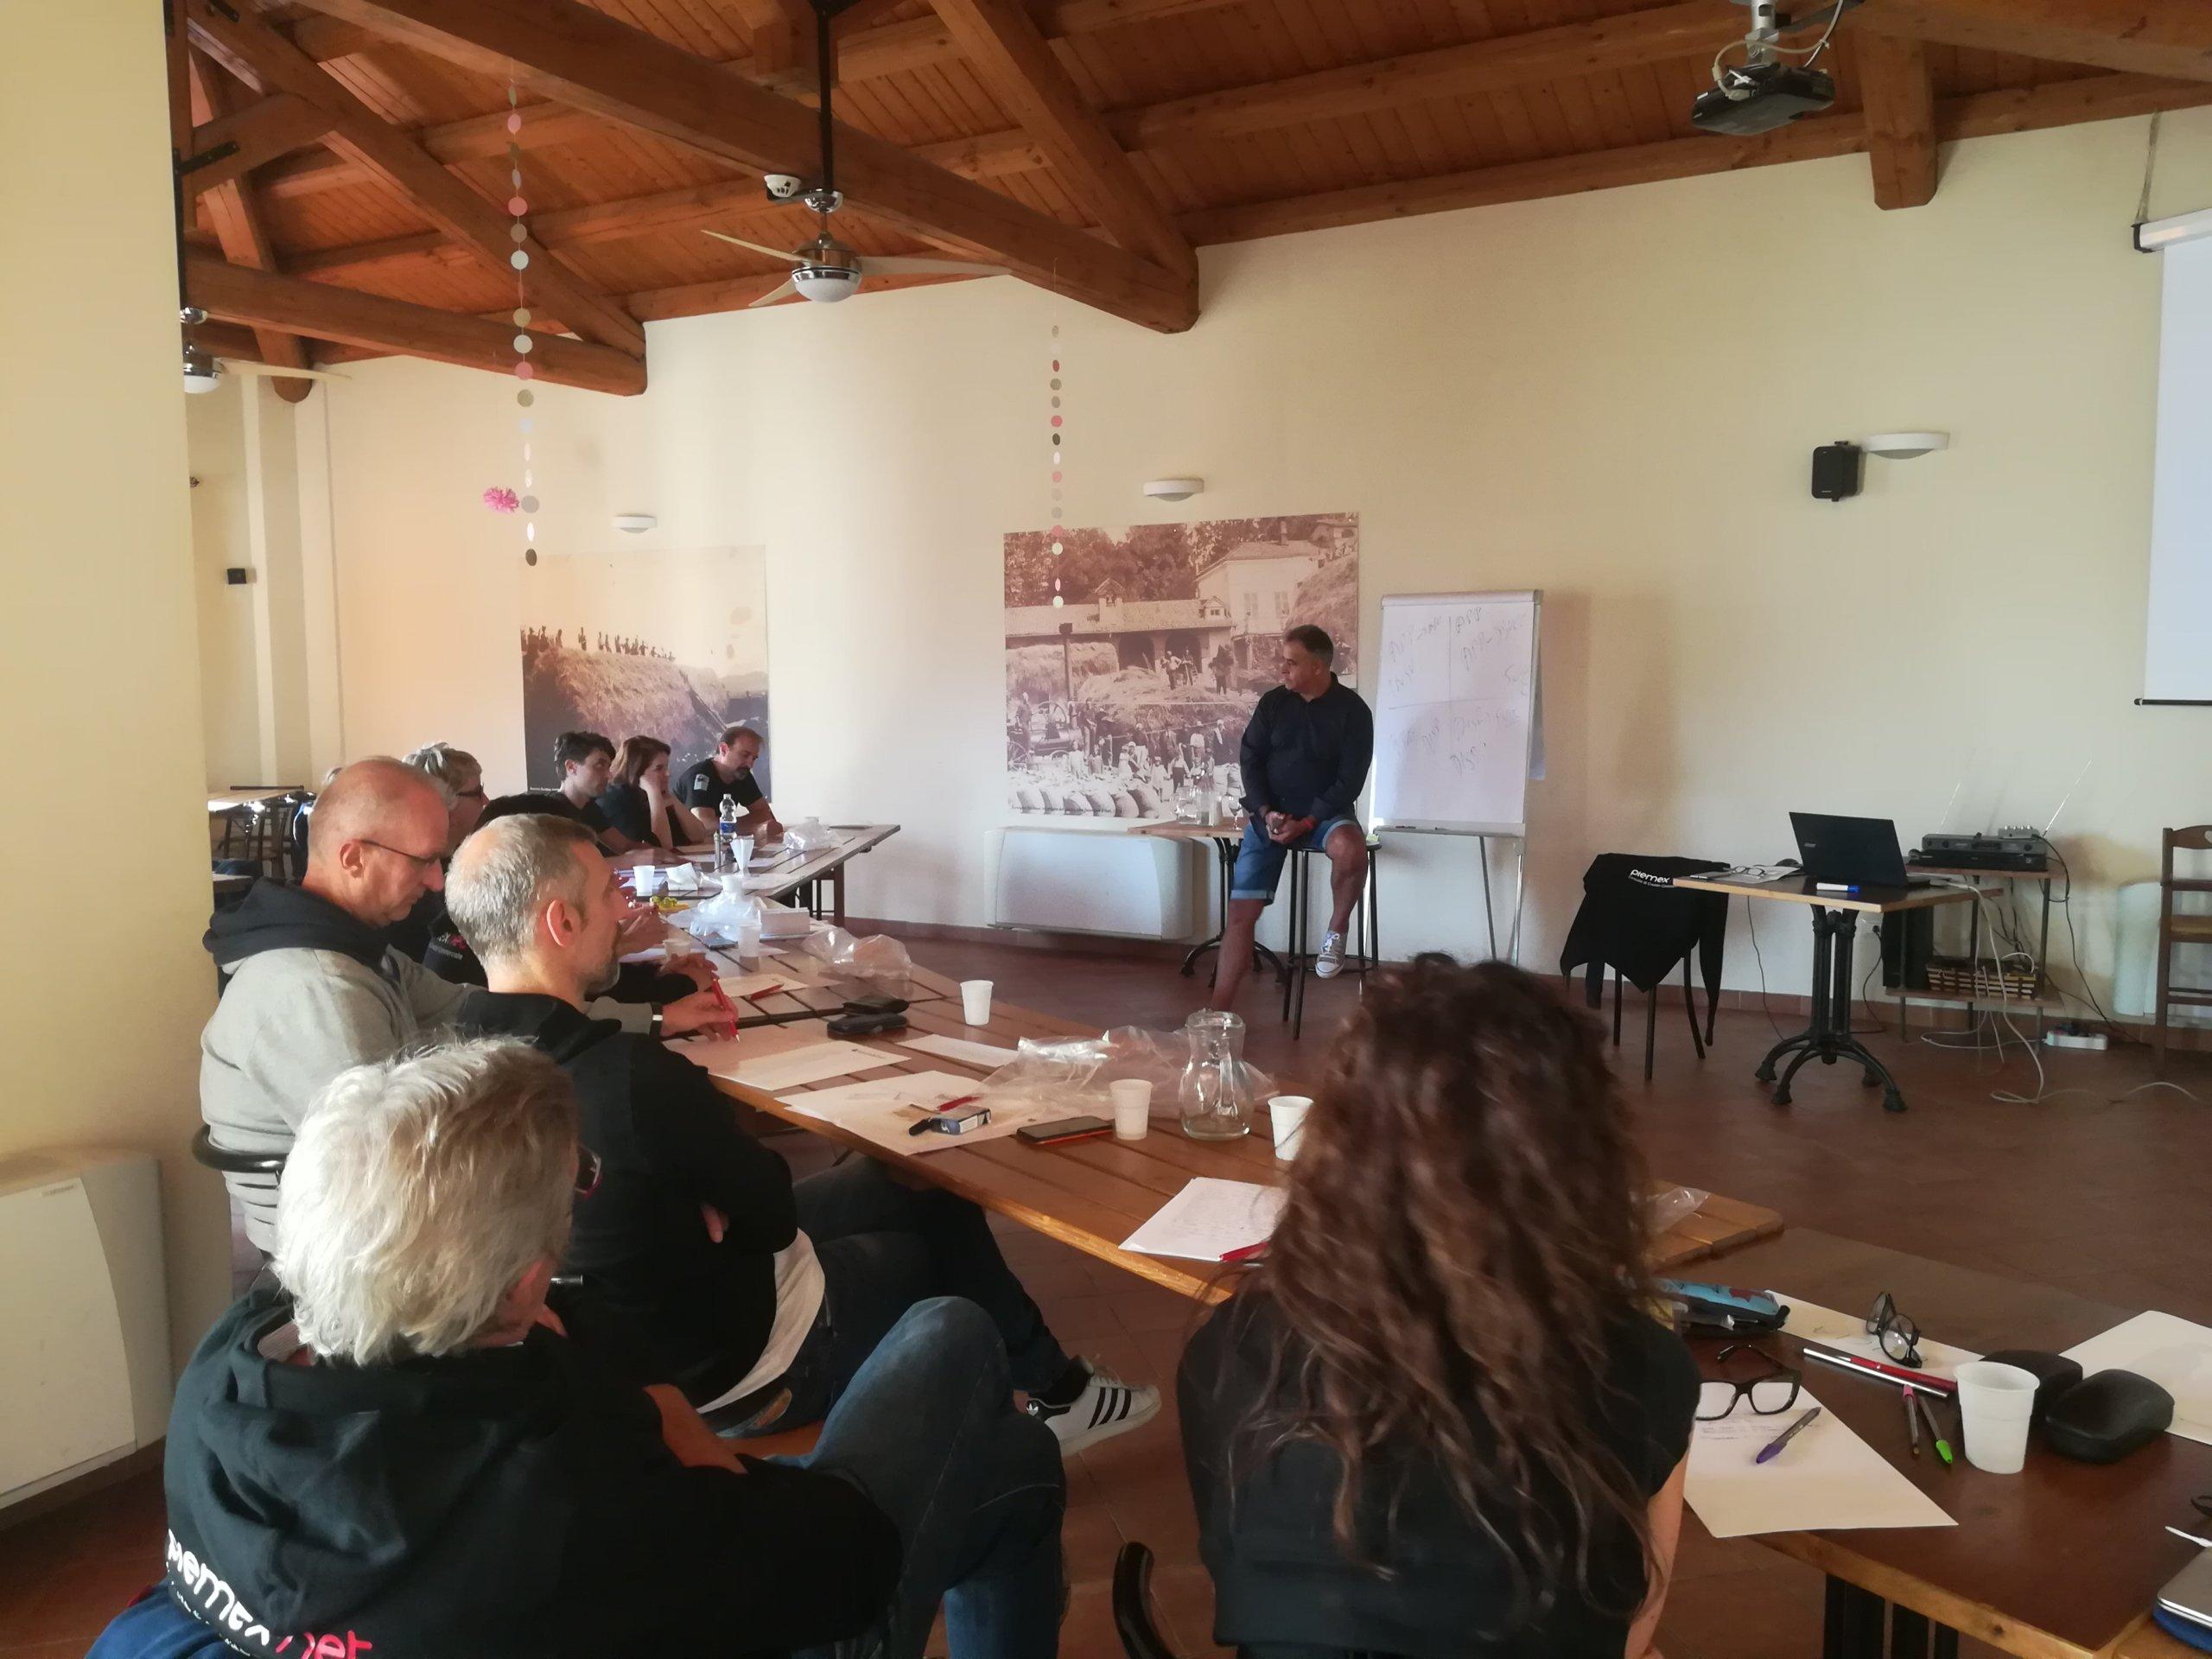 23-studio-coaching-salmeri-team-building